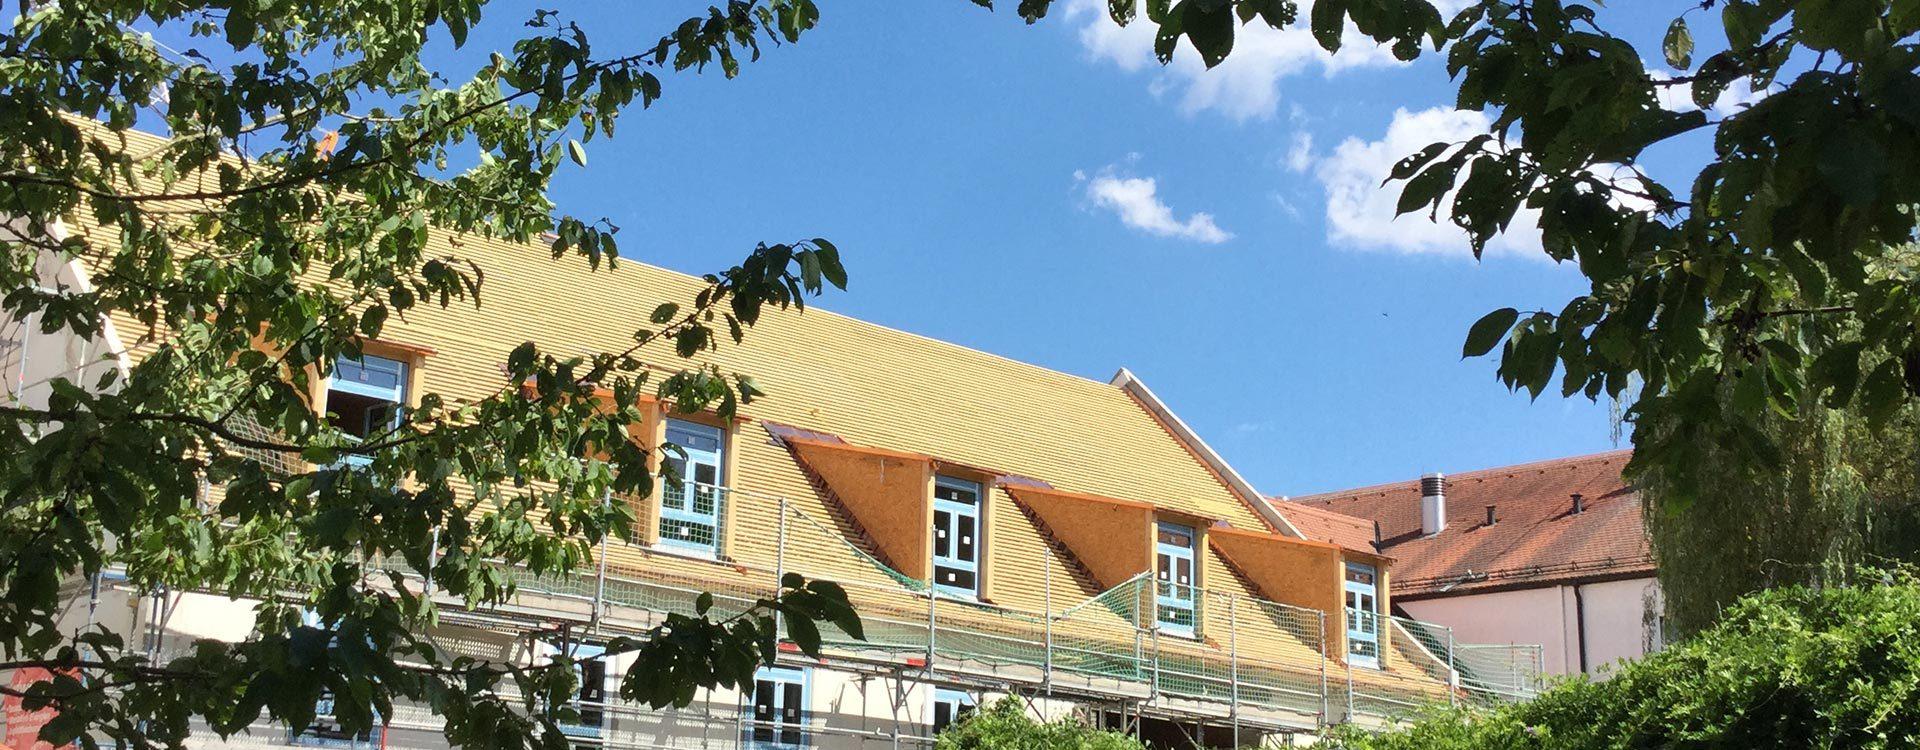 Gauben und Dachfenster